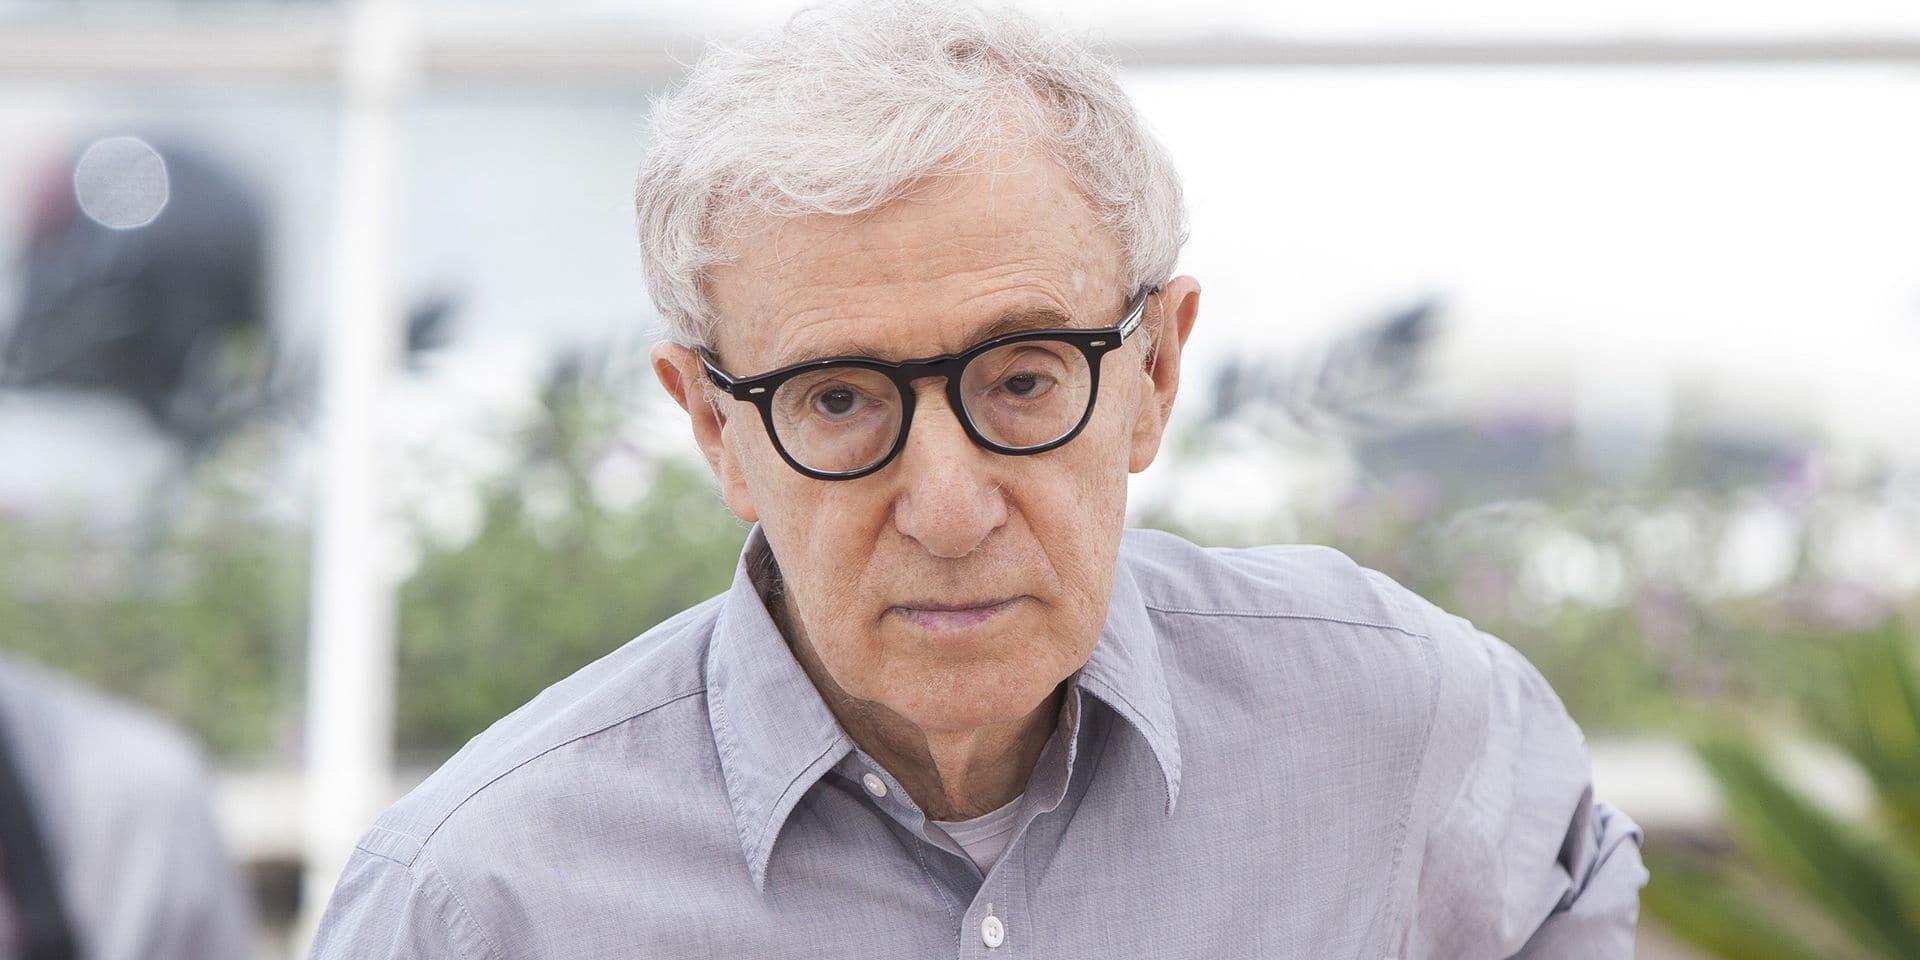 L'éditeur des mémoires de Woody Allen annonce renoncer à les publier